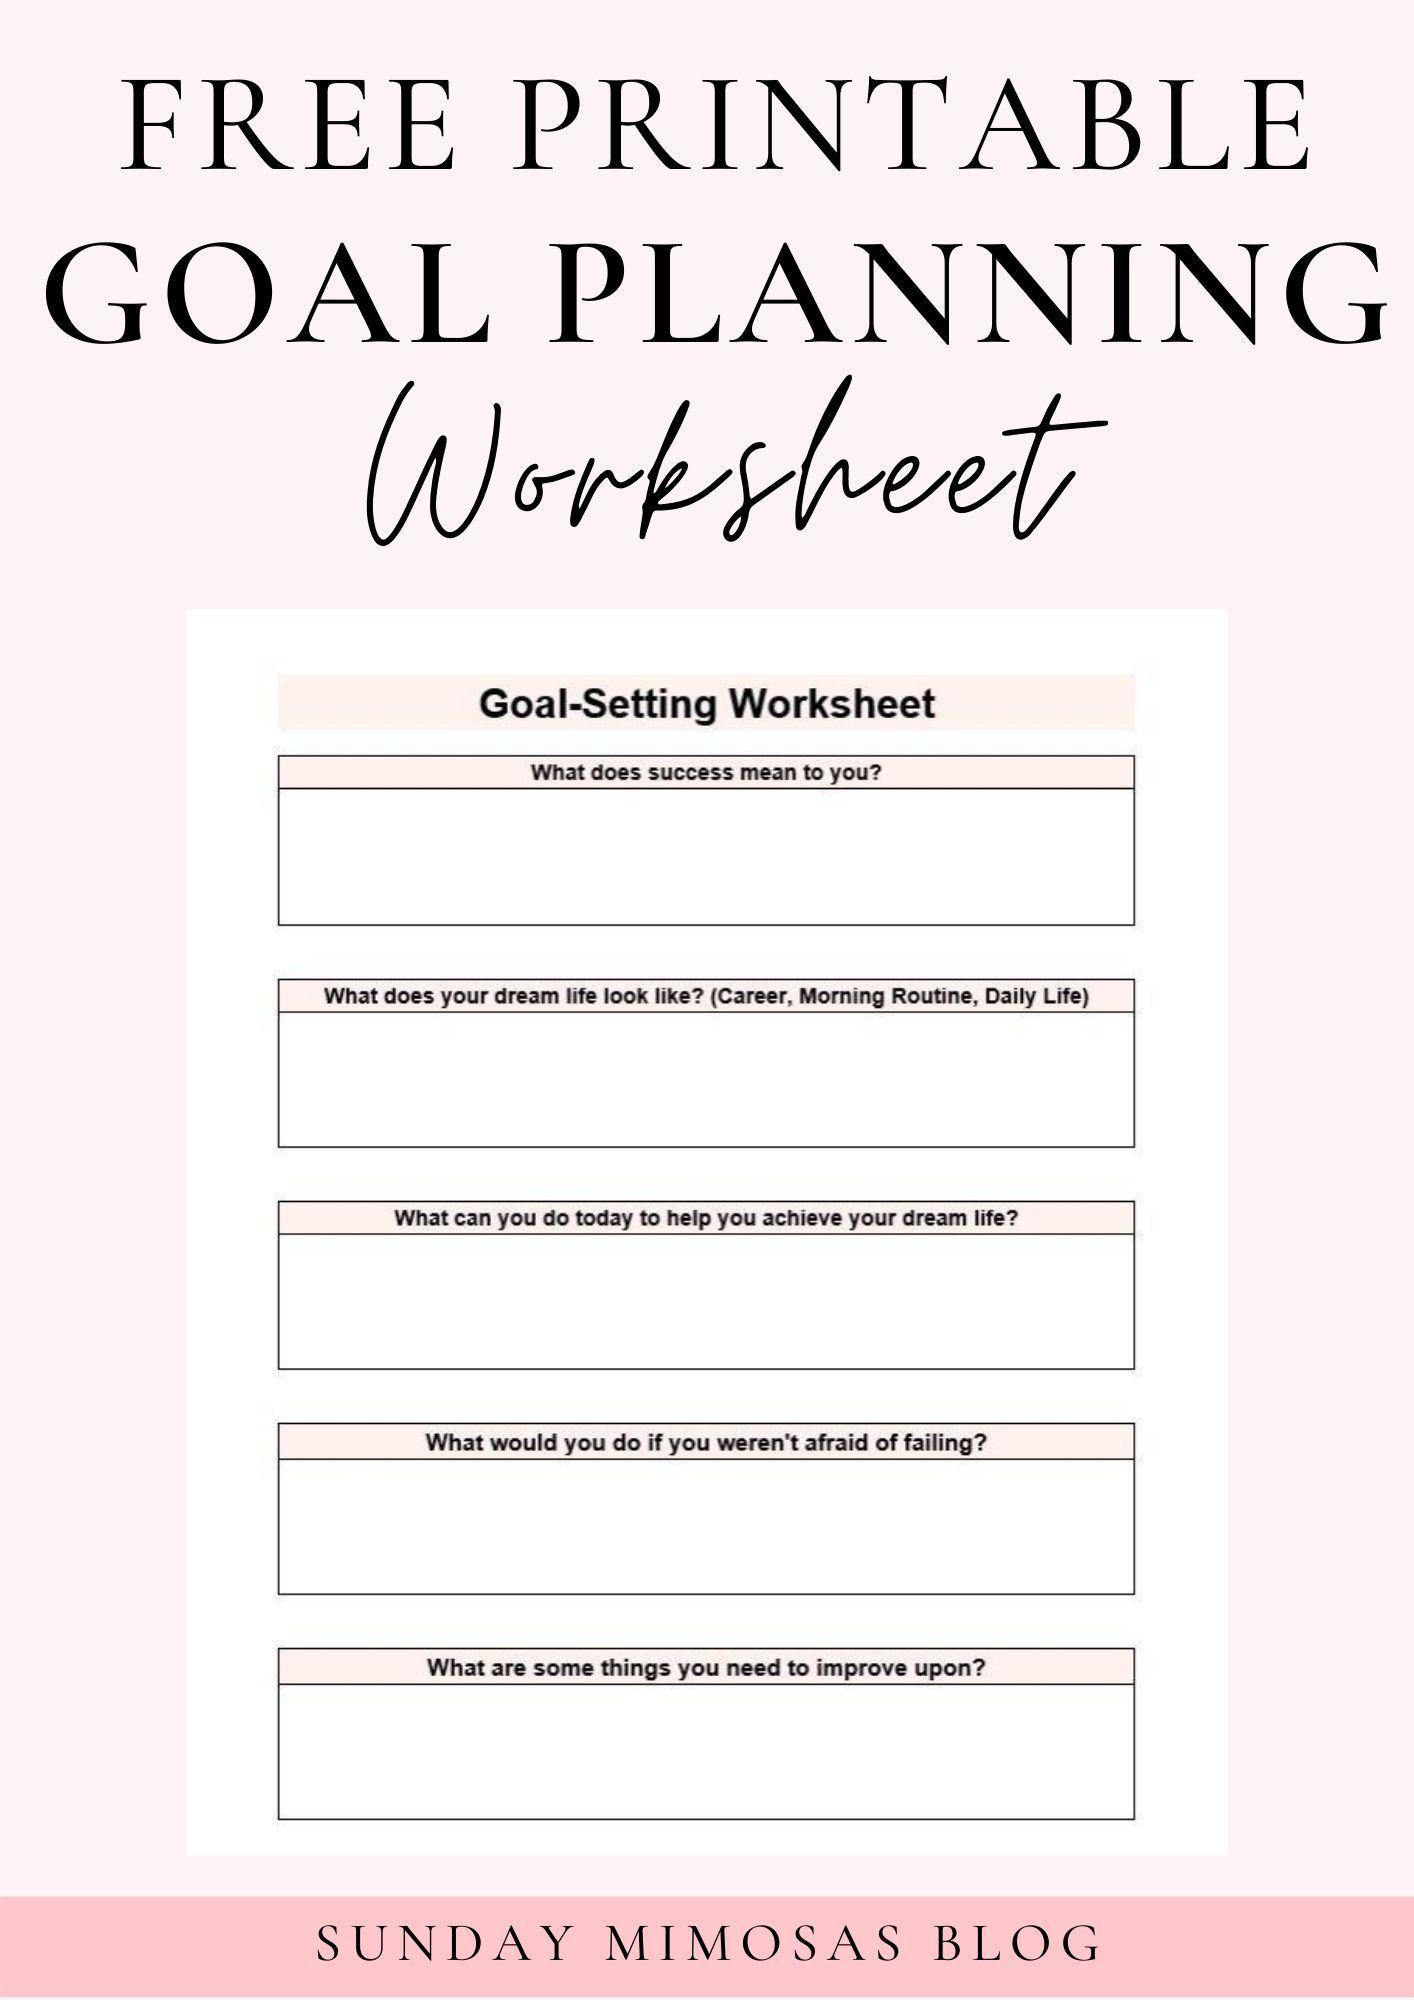 Free Printable Goal Planning Worksheet In